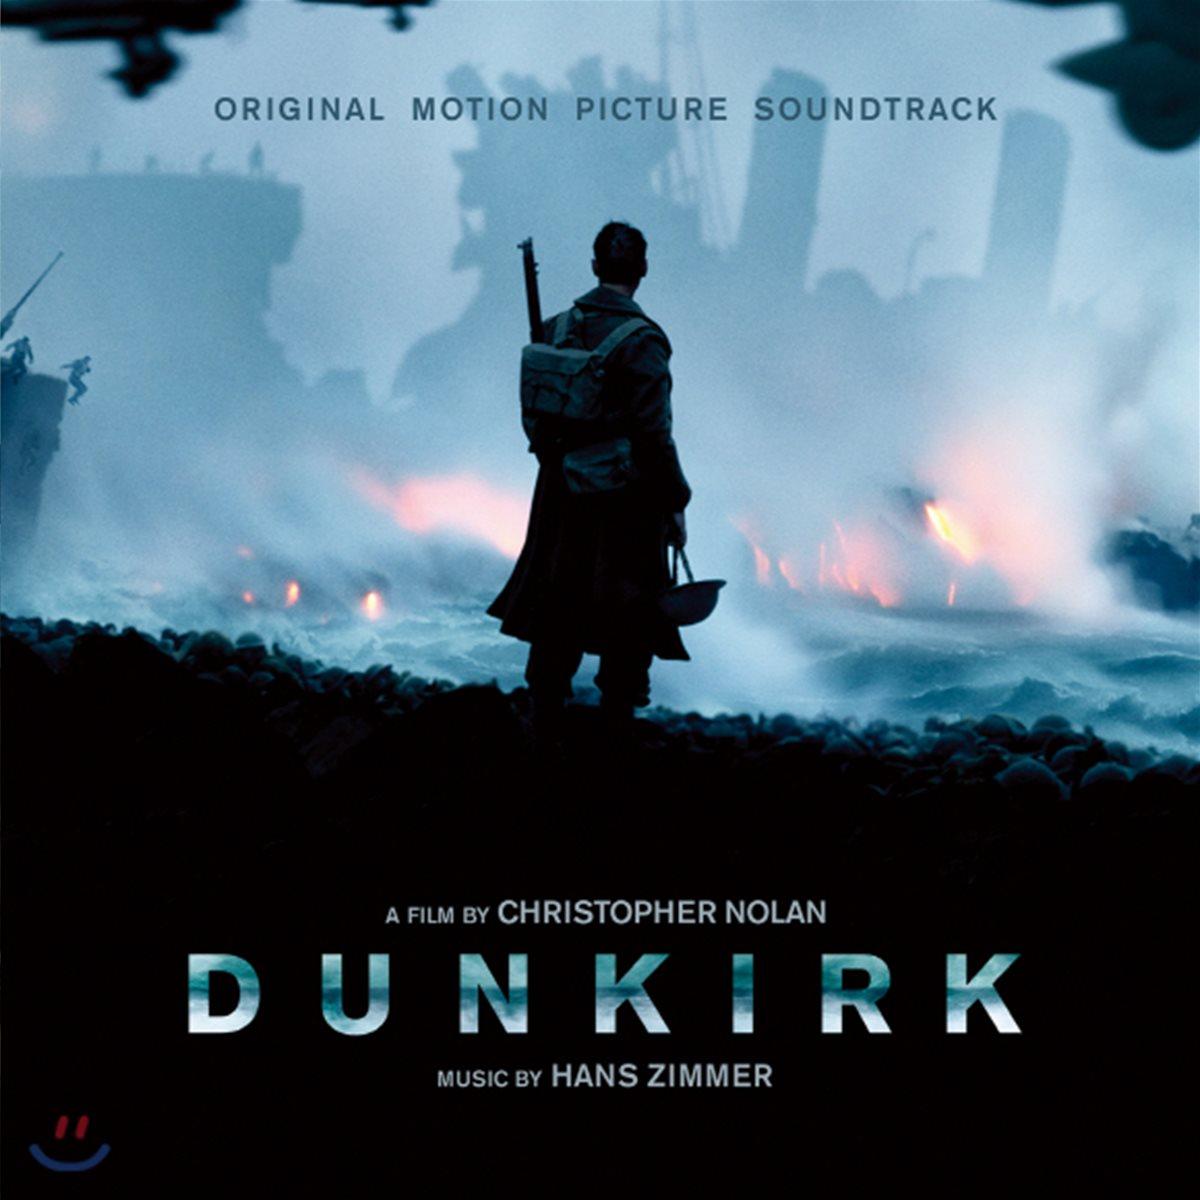 덩케르크 영화음악 (Dunkirk OST by Hans Zimmer 한스 짐머)